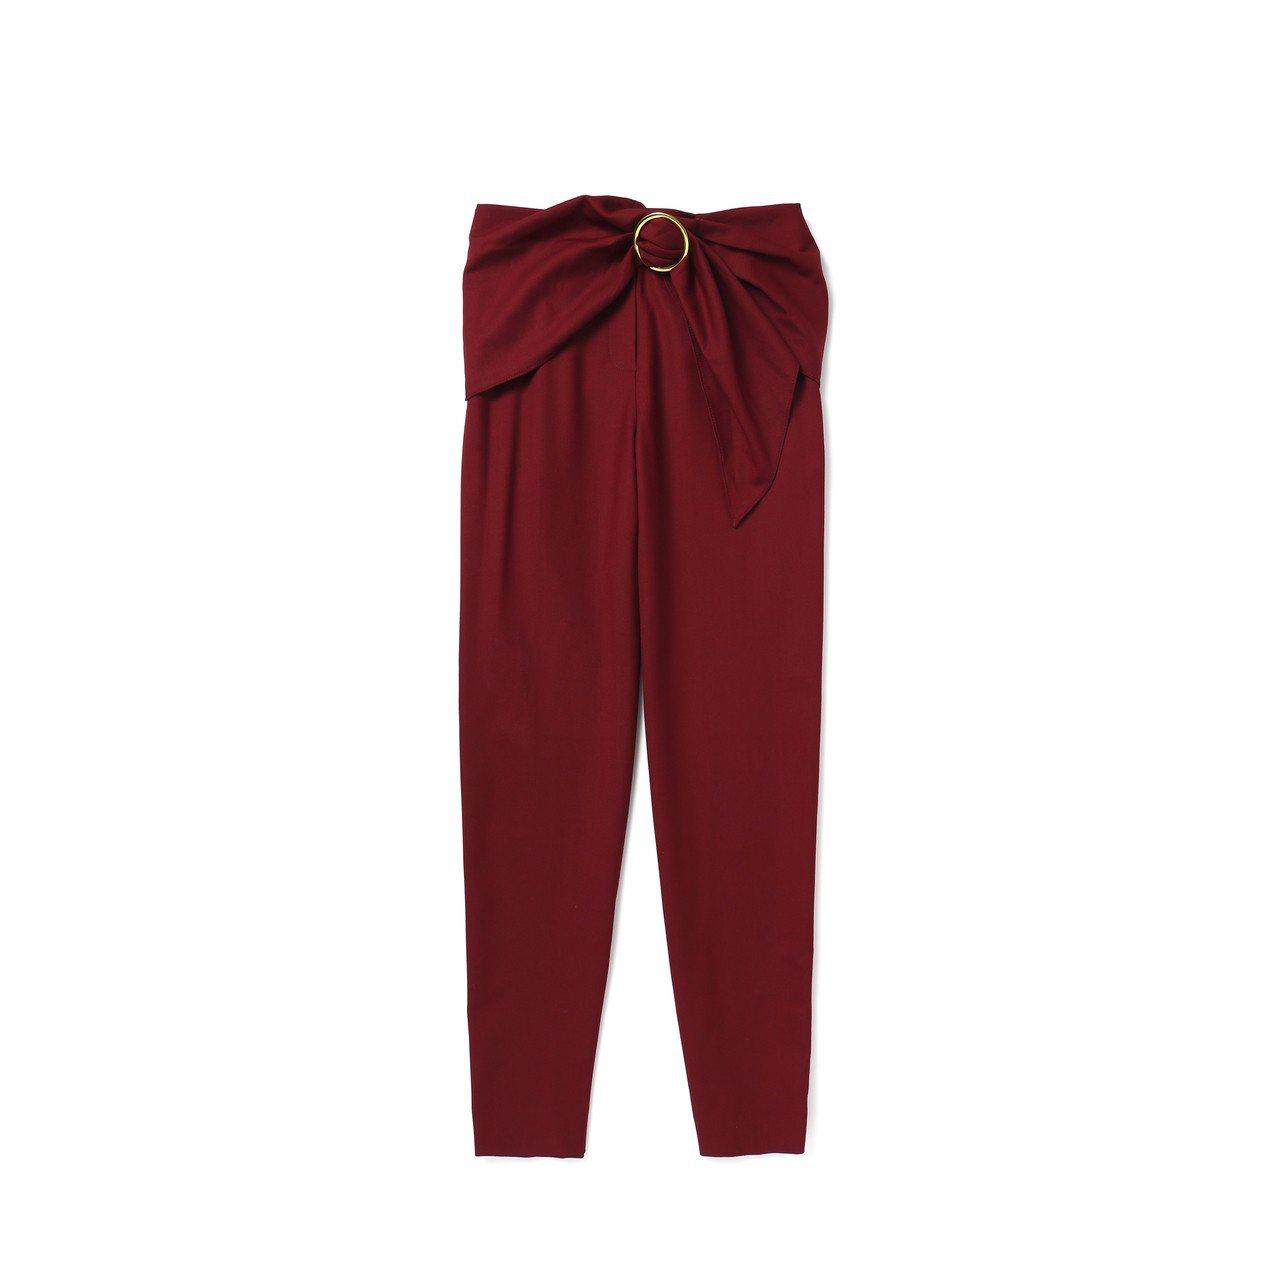 釦環設計羊毛長褲,8,900元。圖/Club Monaco提供